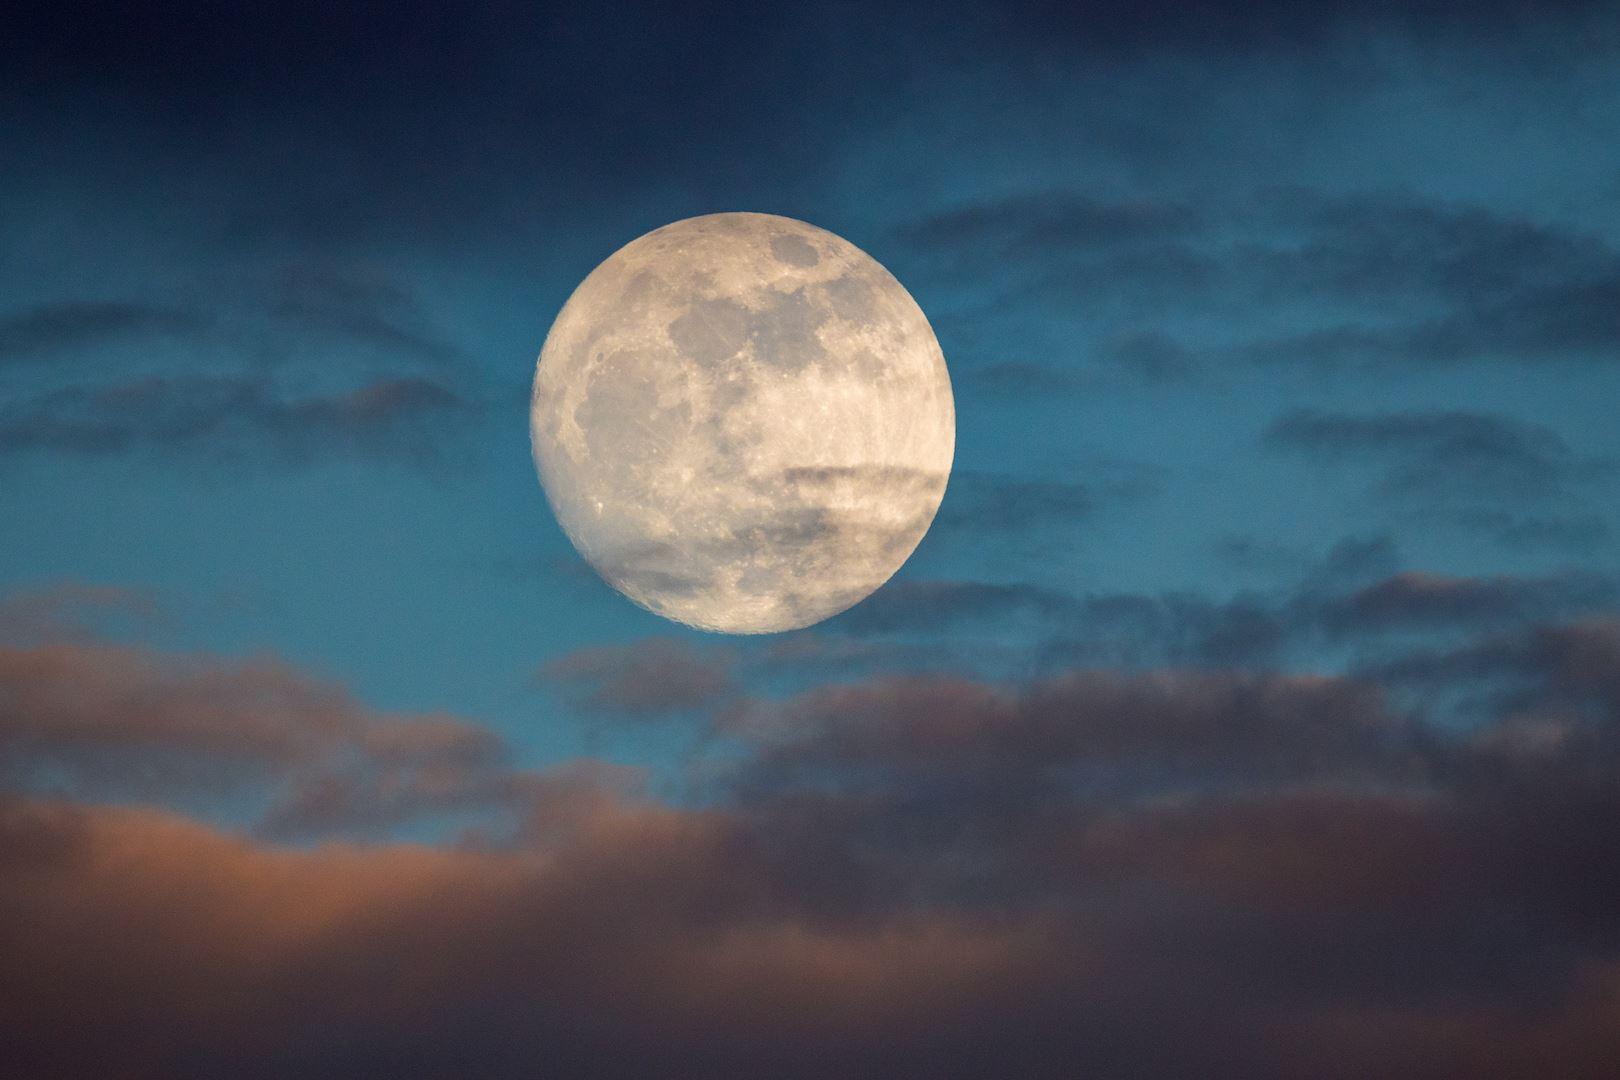 kajian dapati lelaki susah nak tidur ketika bulan mengambang